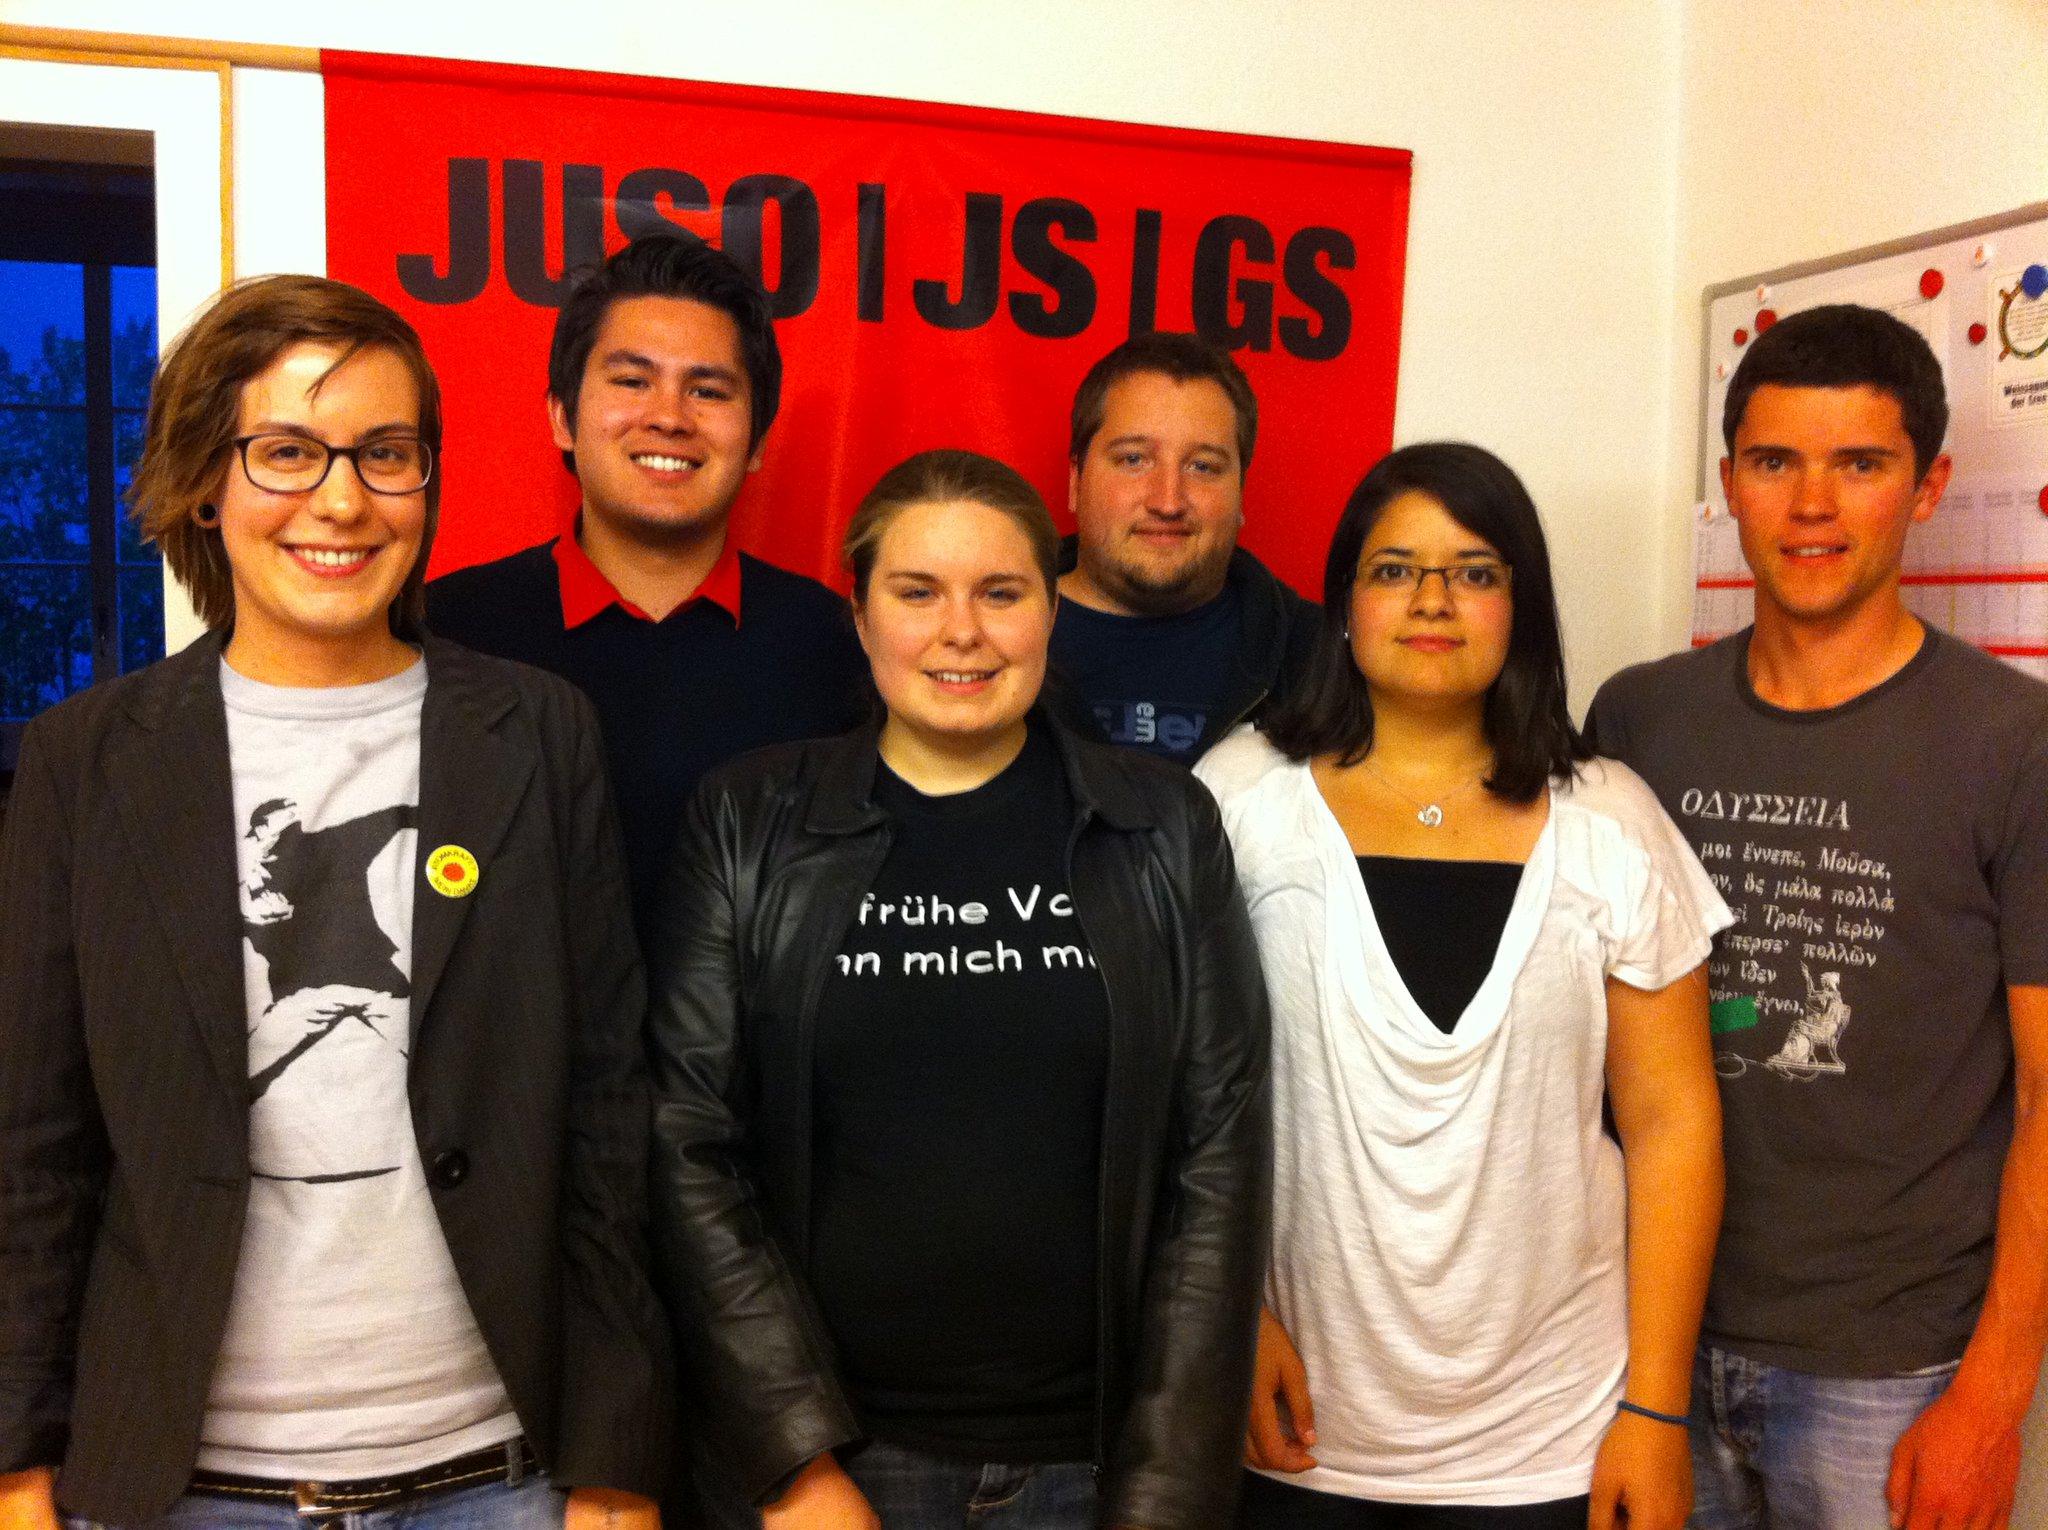 Von links nach rechts: Franziska Wagner, Adrian Mangold, Lisa Degen, Jan Fässler, Betül Karabulut, Florian Schreier